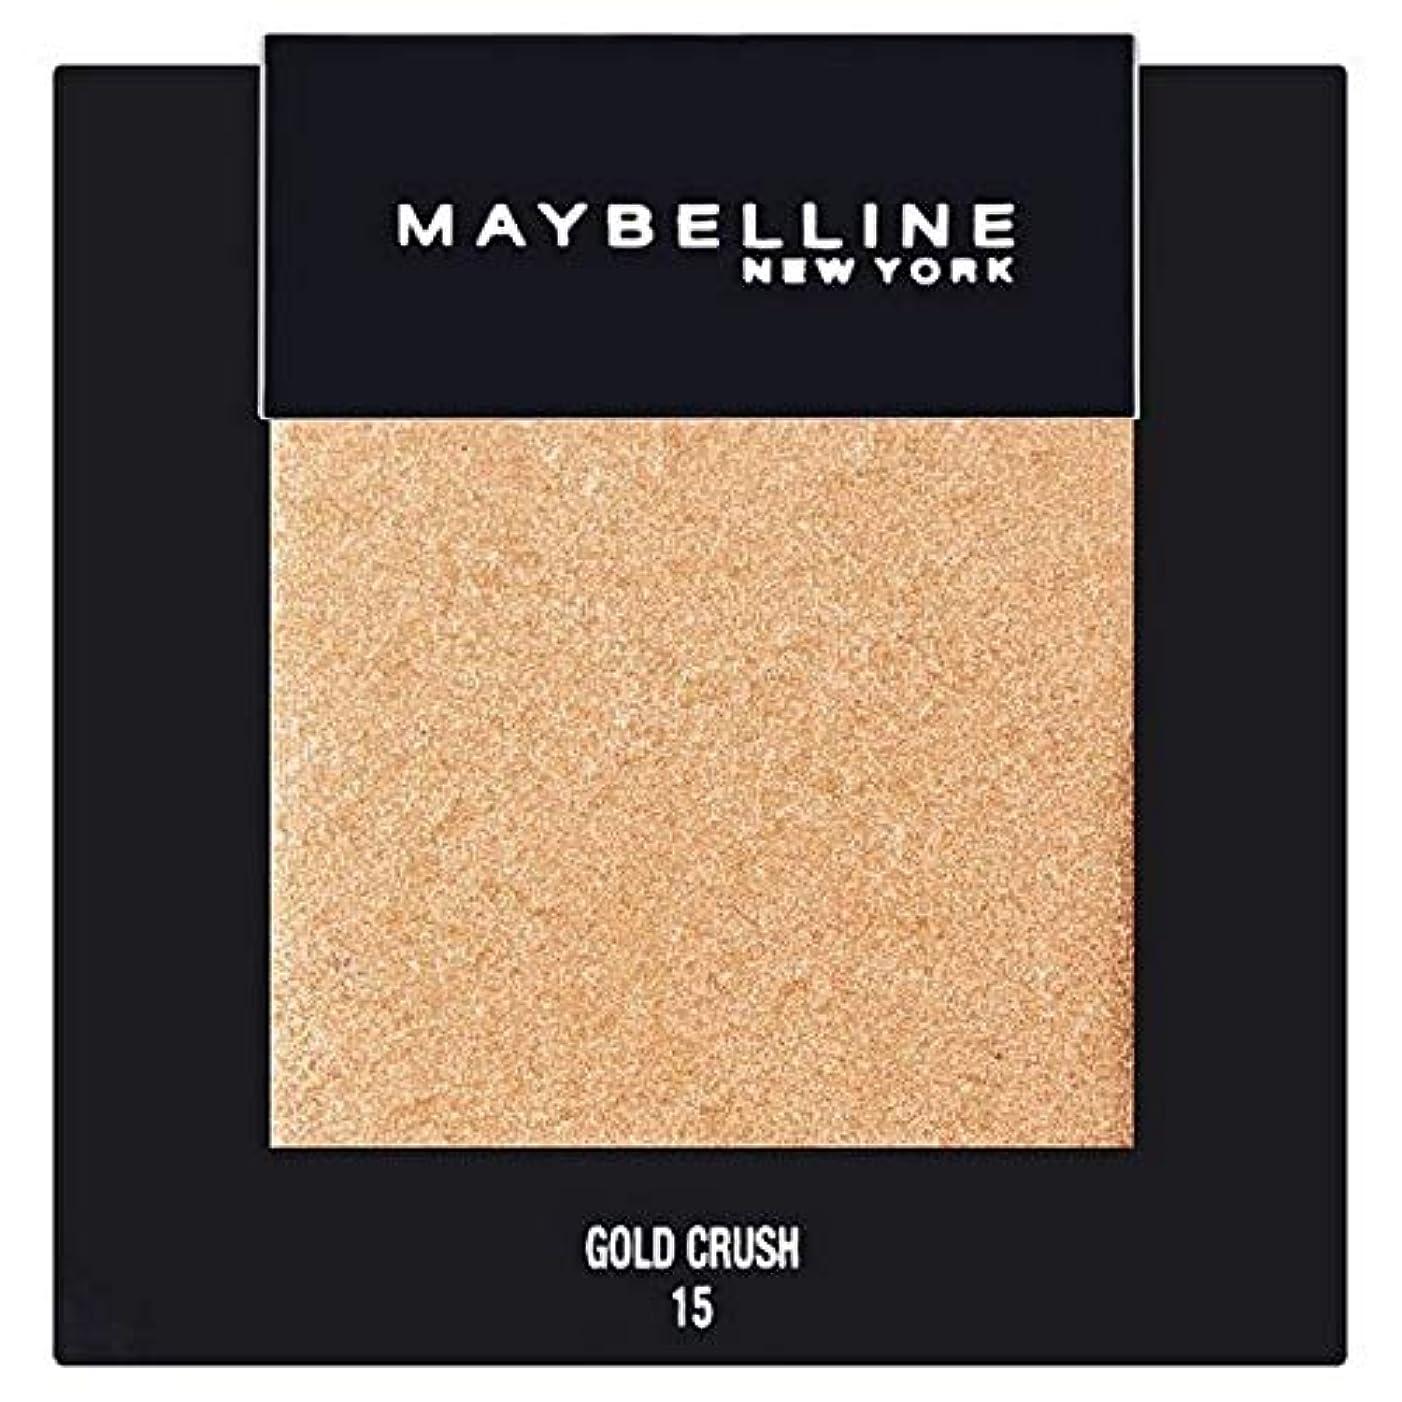 以来ジレンマ食べる[Maybelline ] メイベリンカラーショーシングルアイシャドウ15金クラッシュ - Maybelline Color Show Single Eyeshadow 15 Gold Crush [並行輸入品]